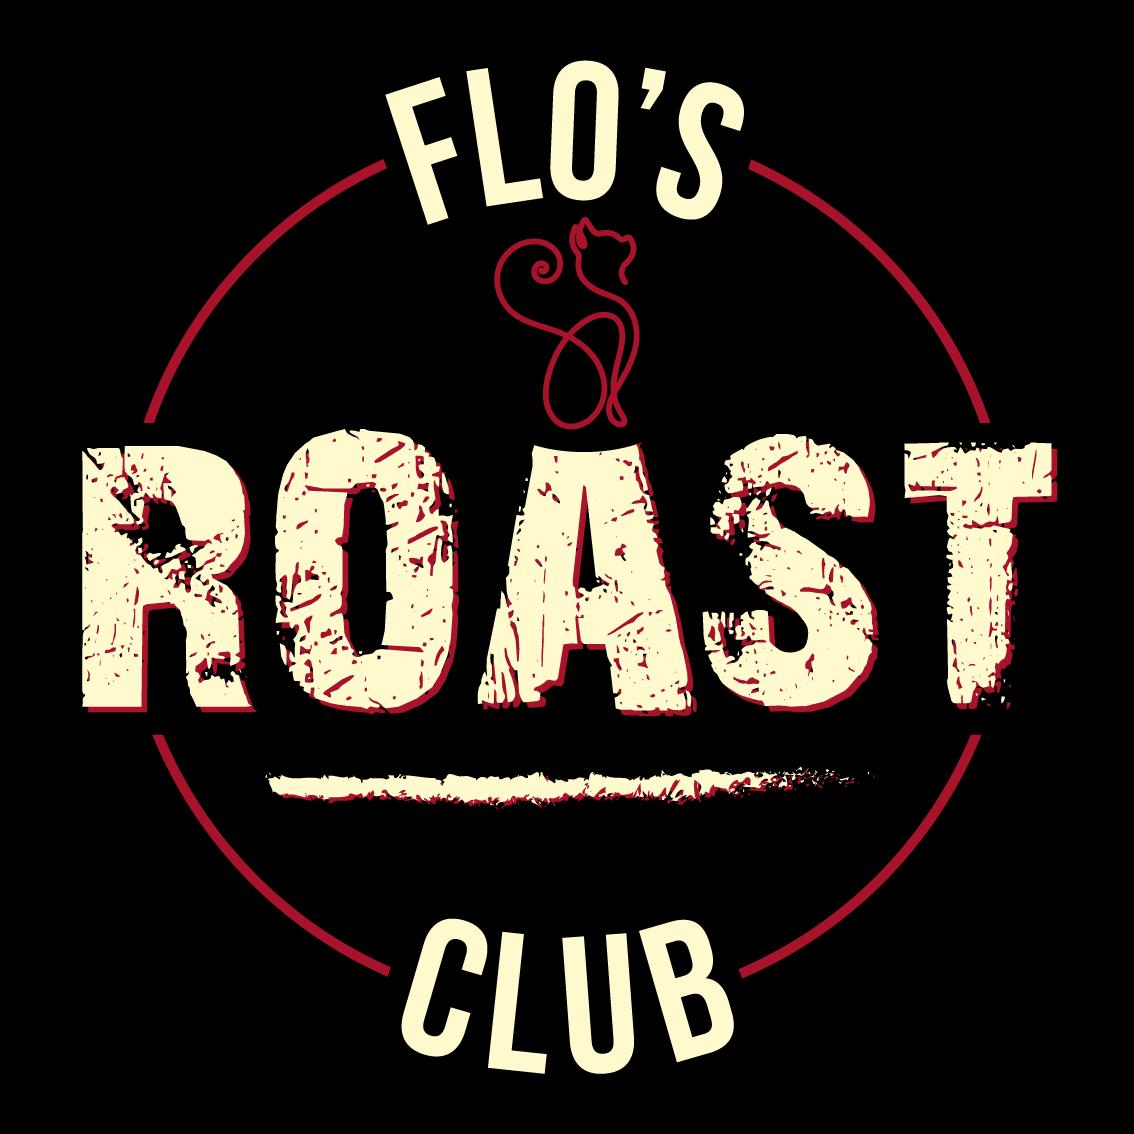 Saucy Flo's Roast Club